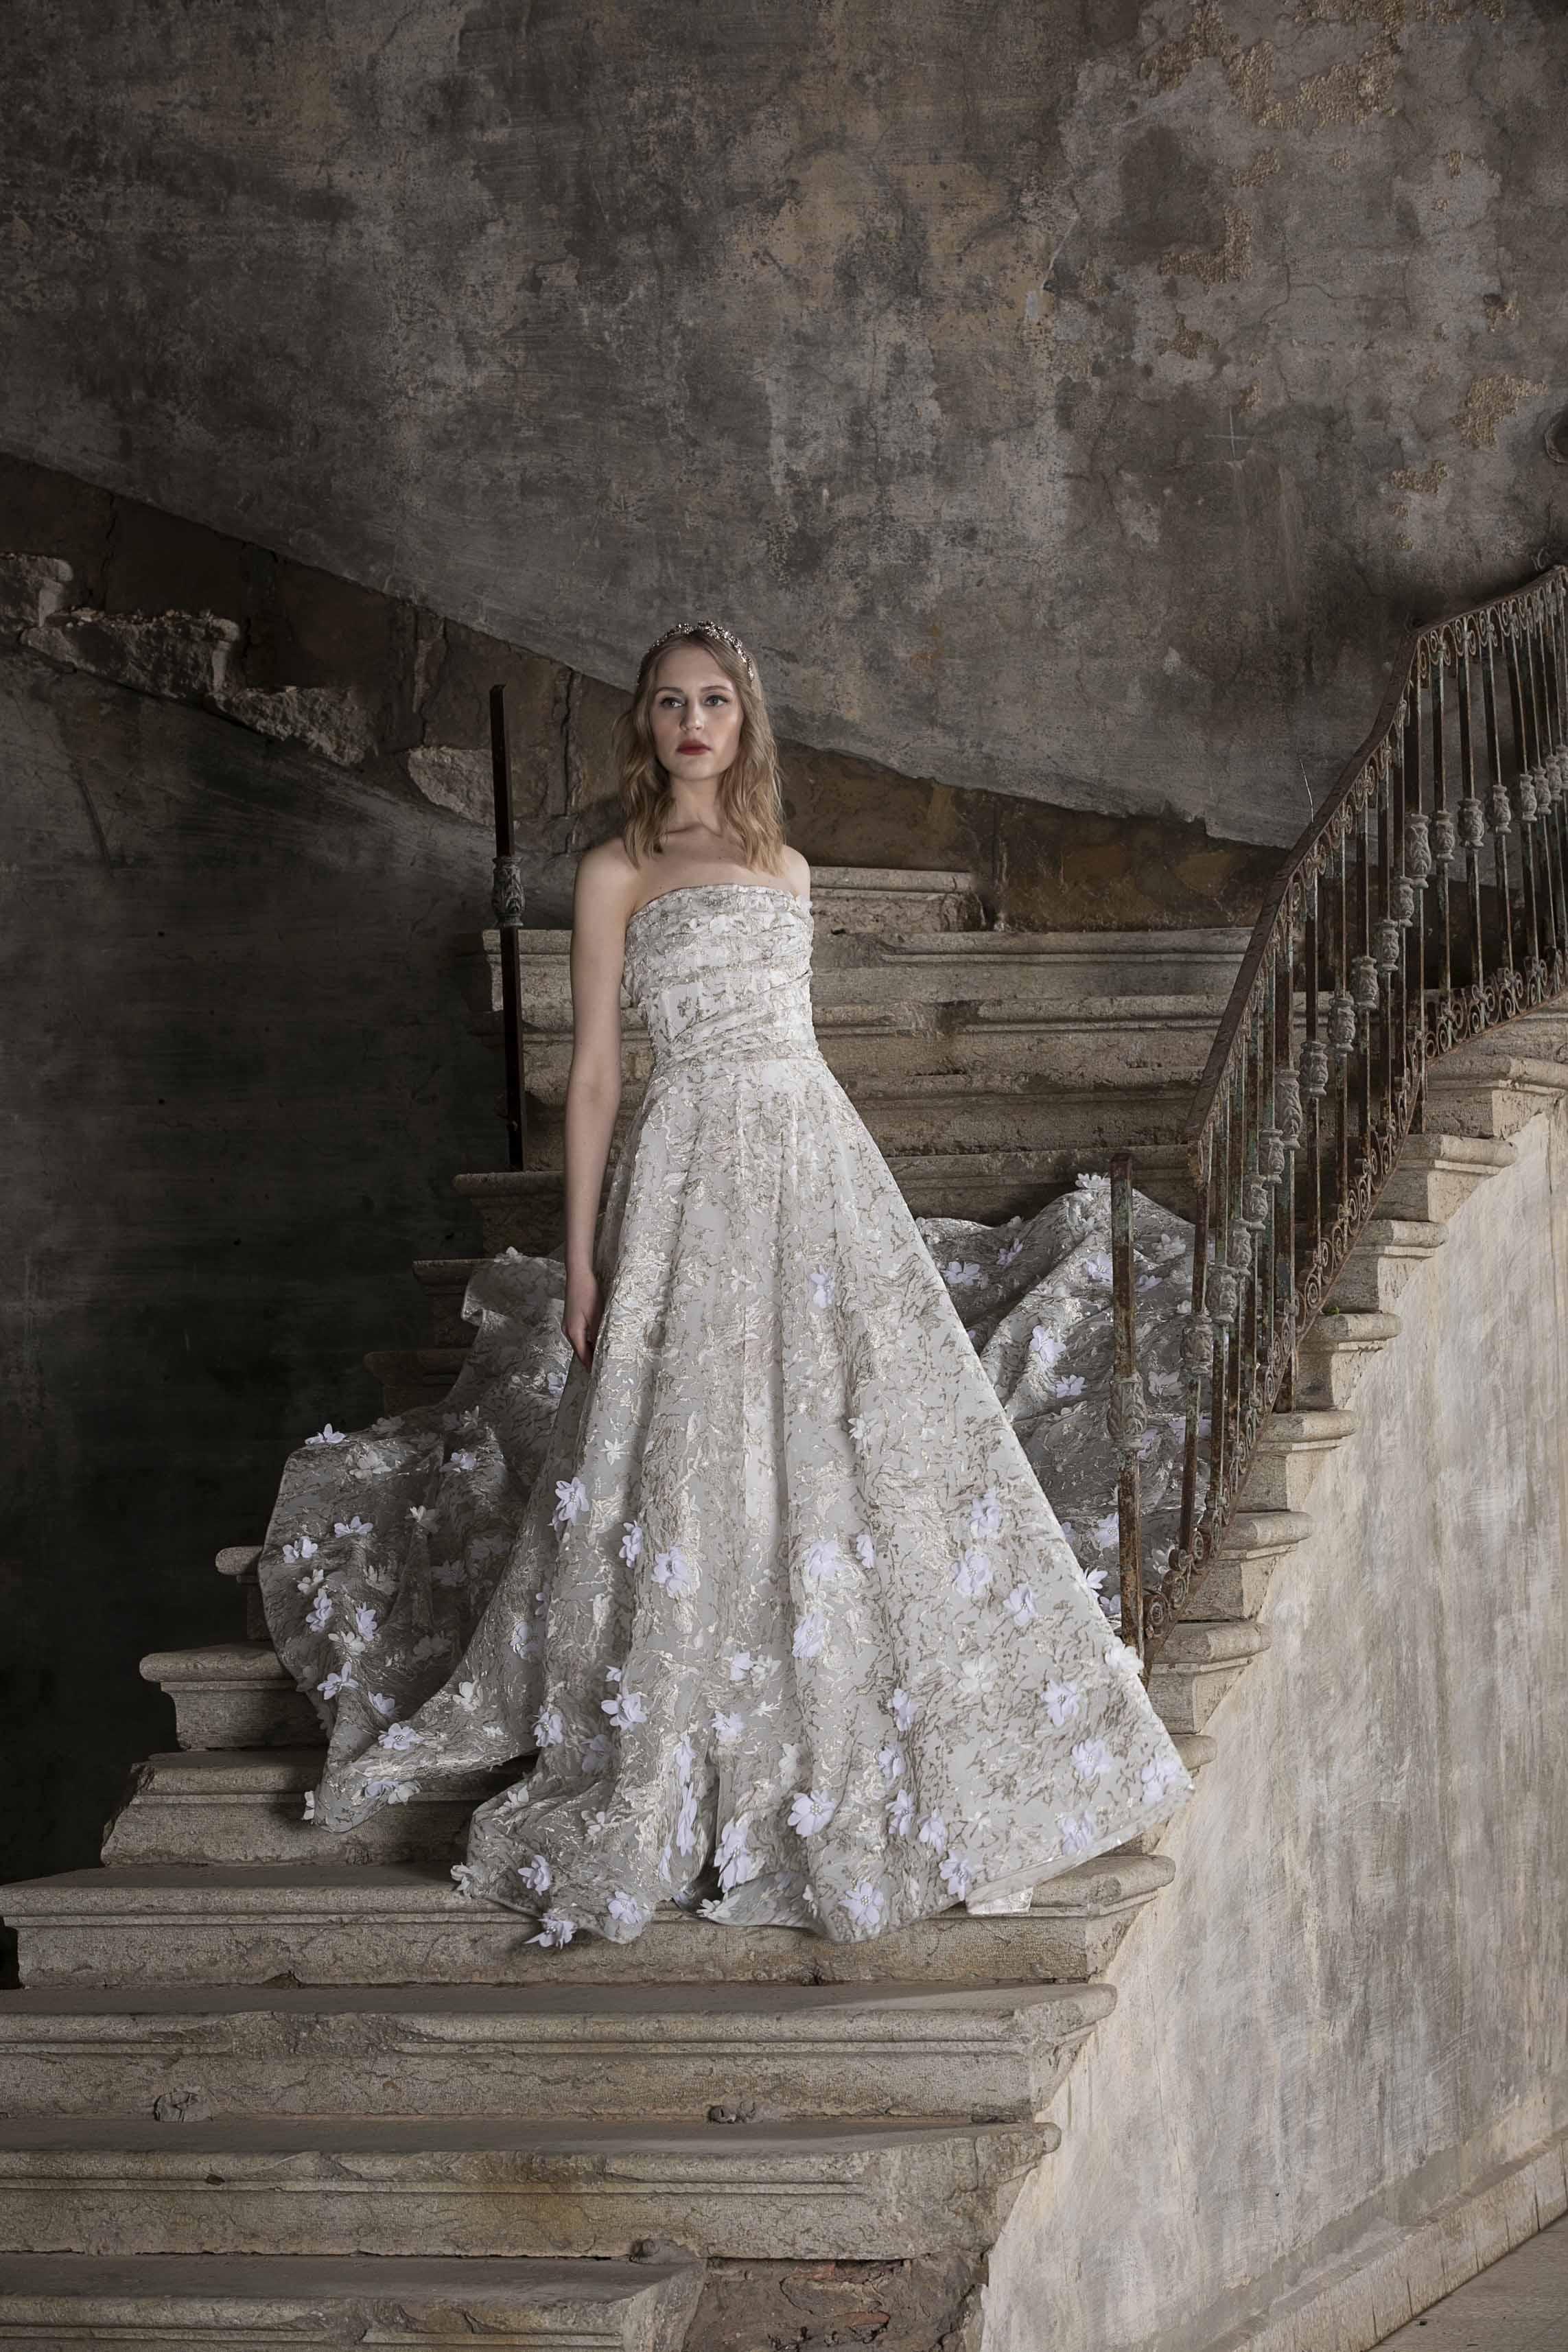 Scegliere l'abito da sposa in base al fisico, scegliere l'abito da sposa, Atelier Pantheon, Campania Fashion bloggers,